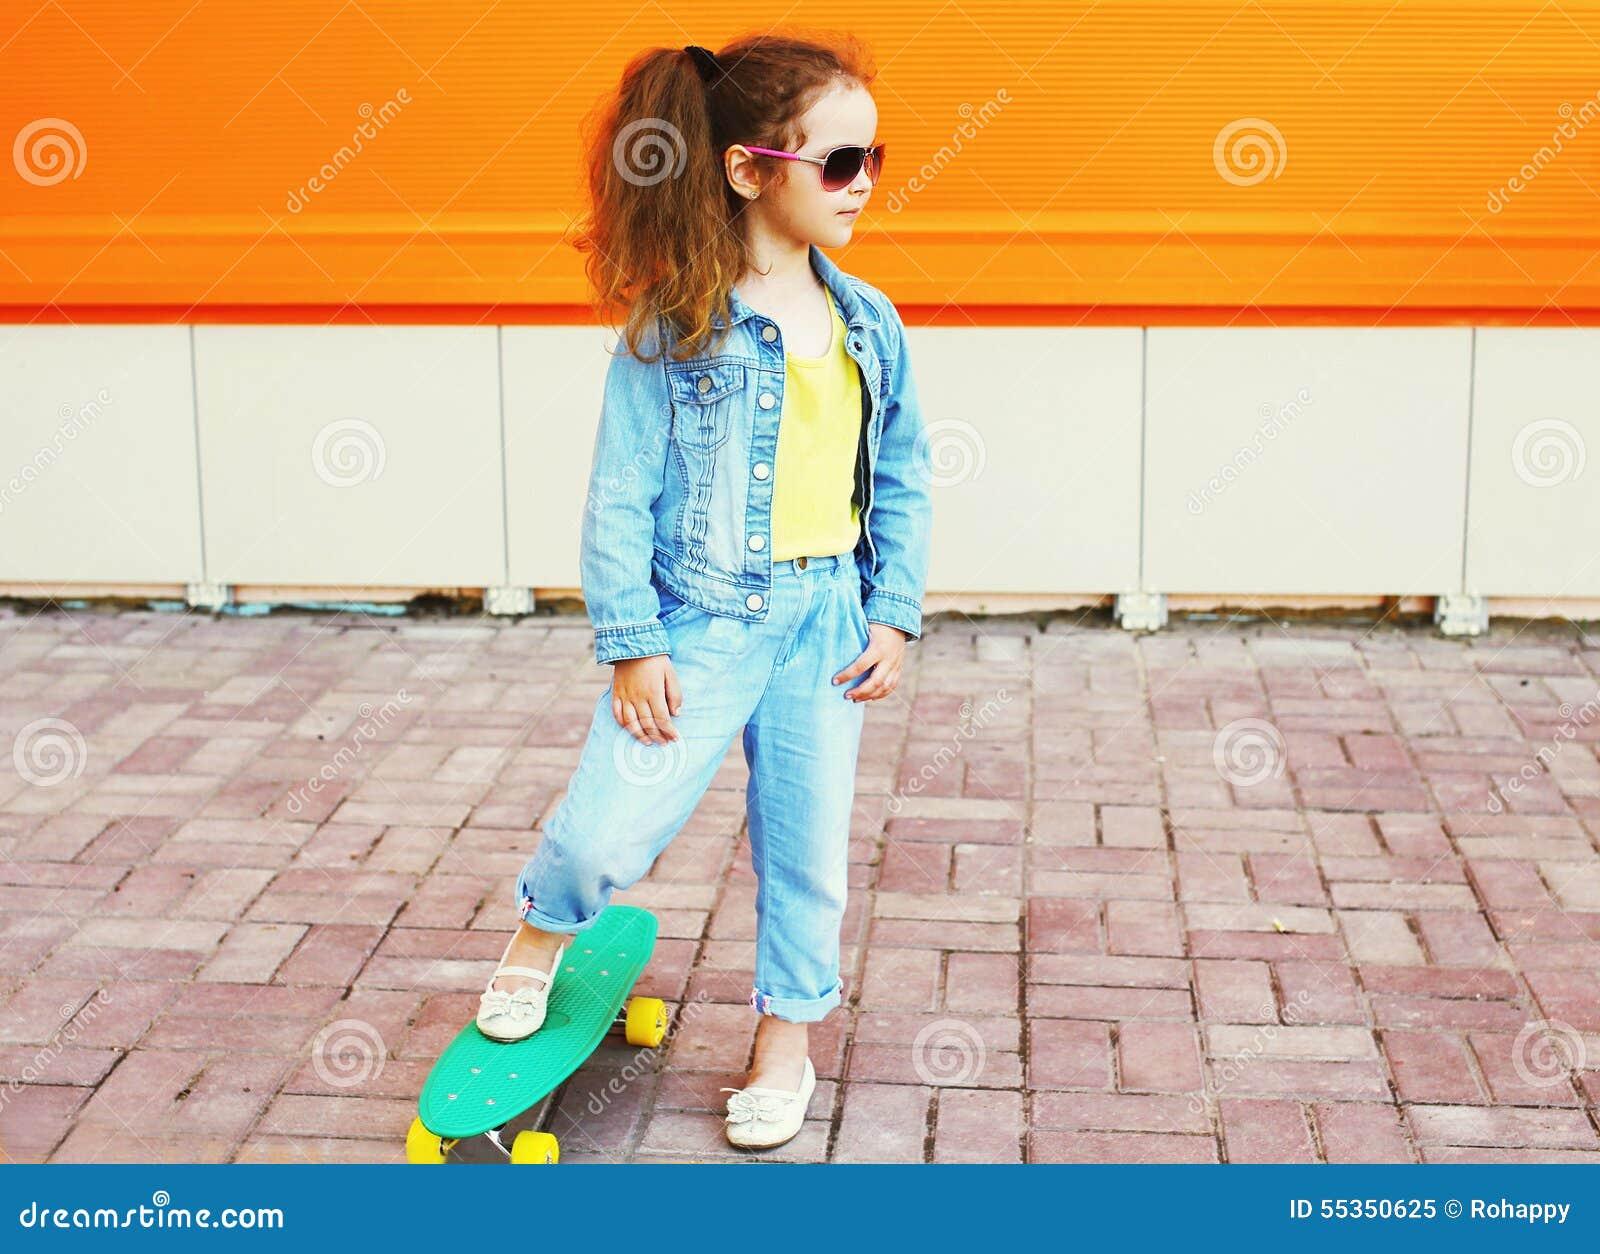 Adatti il concetto del bambino - uso alla moda del bambino della bambina jeans